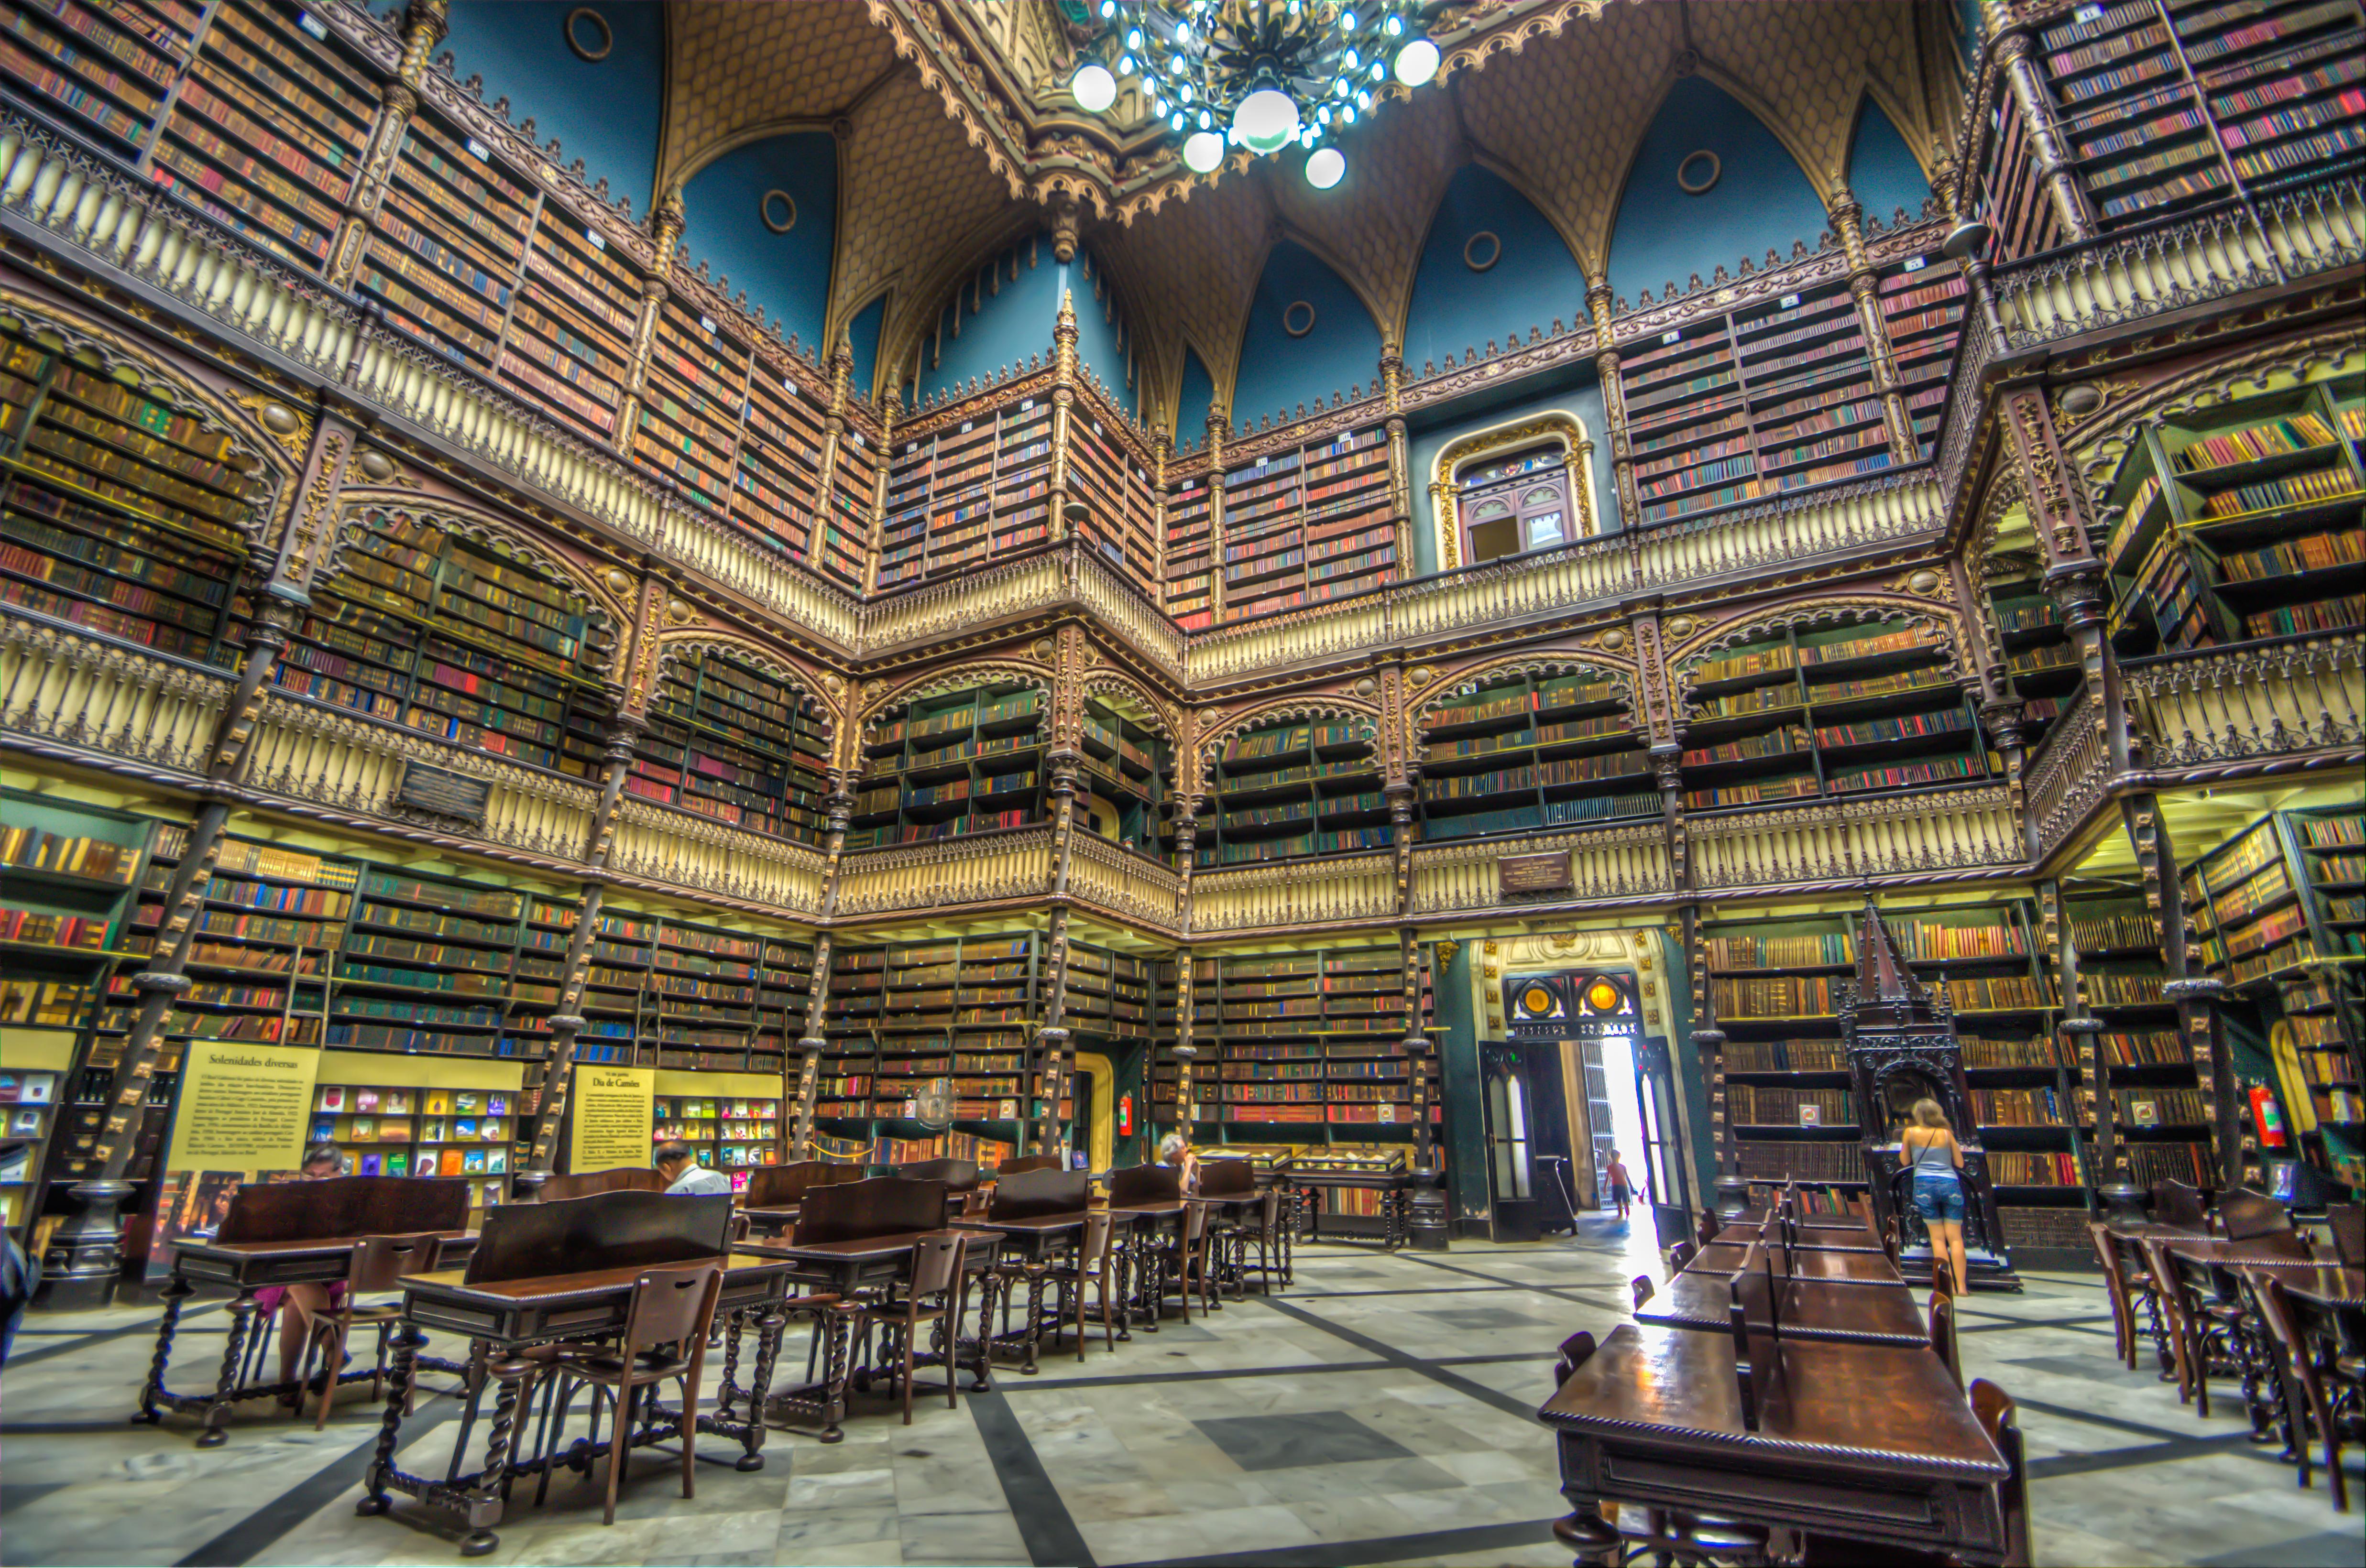 Más que un cuento sacado de una biblioteca, esta parece una biblioteca sacada de un cuento.